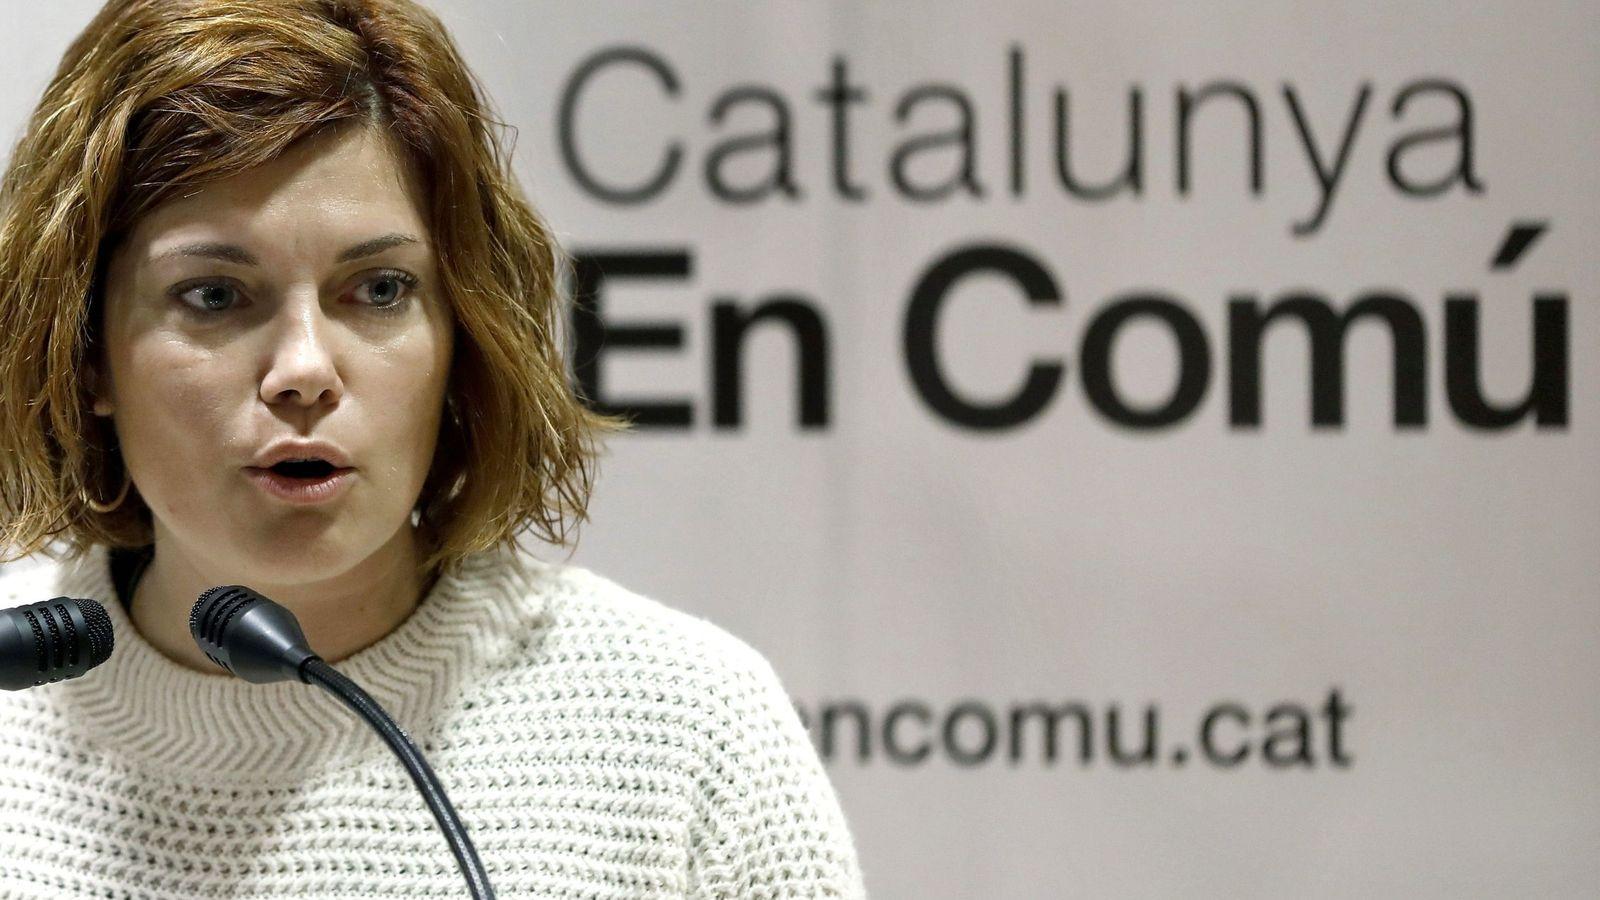 Foto: La portavoz de Catalunya en Comú, Elisensa Alamany, durante una comparecencia pública. (EFE)